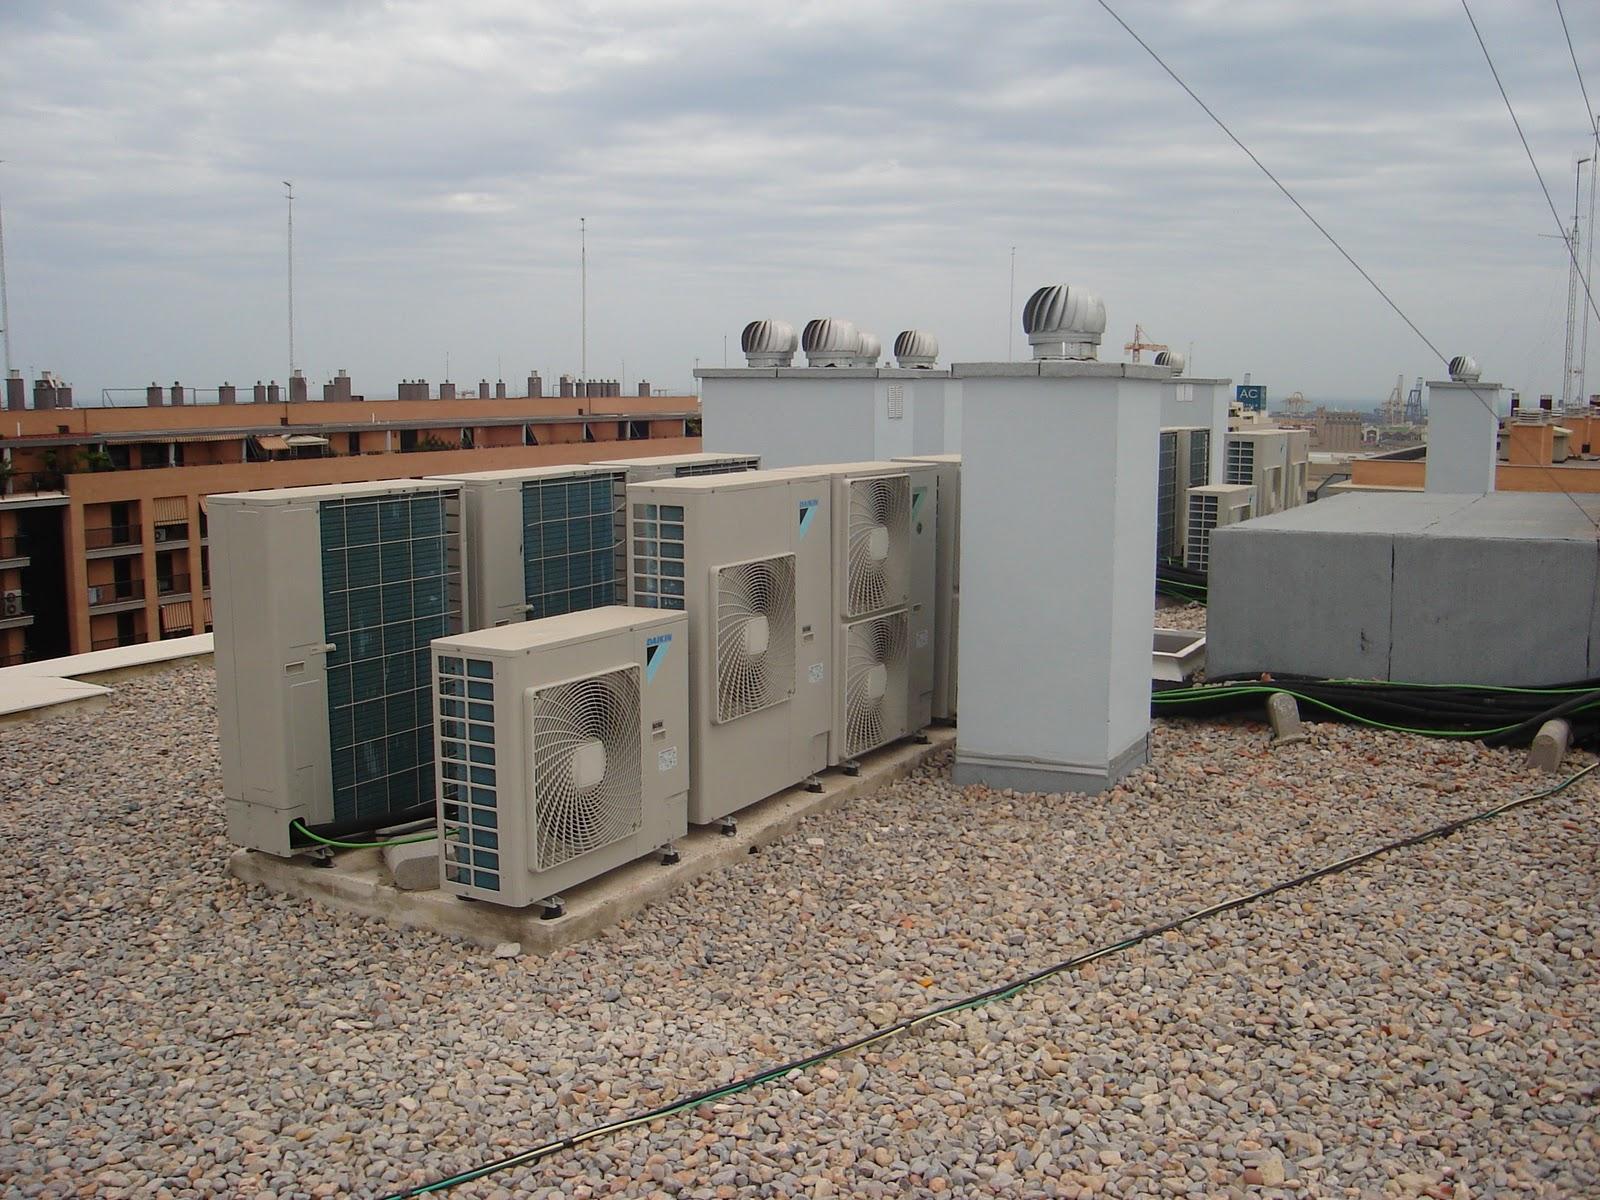 instalaci n de aire acondicionado en el tejado